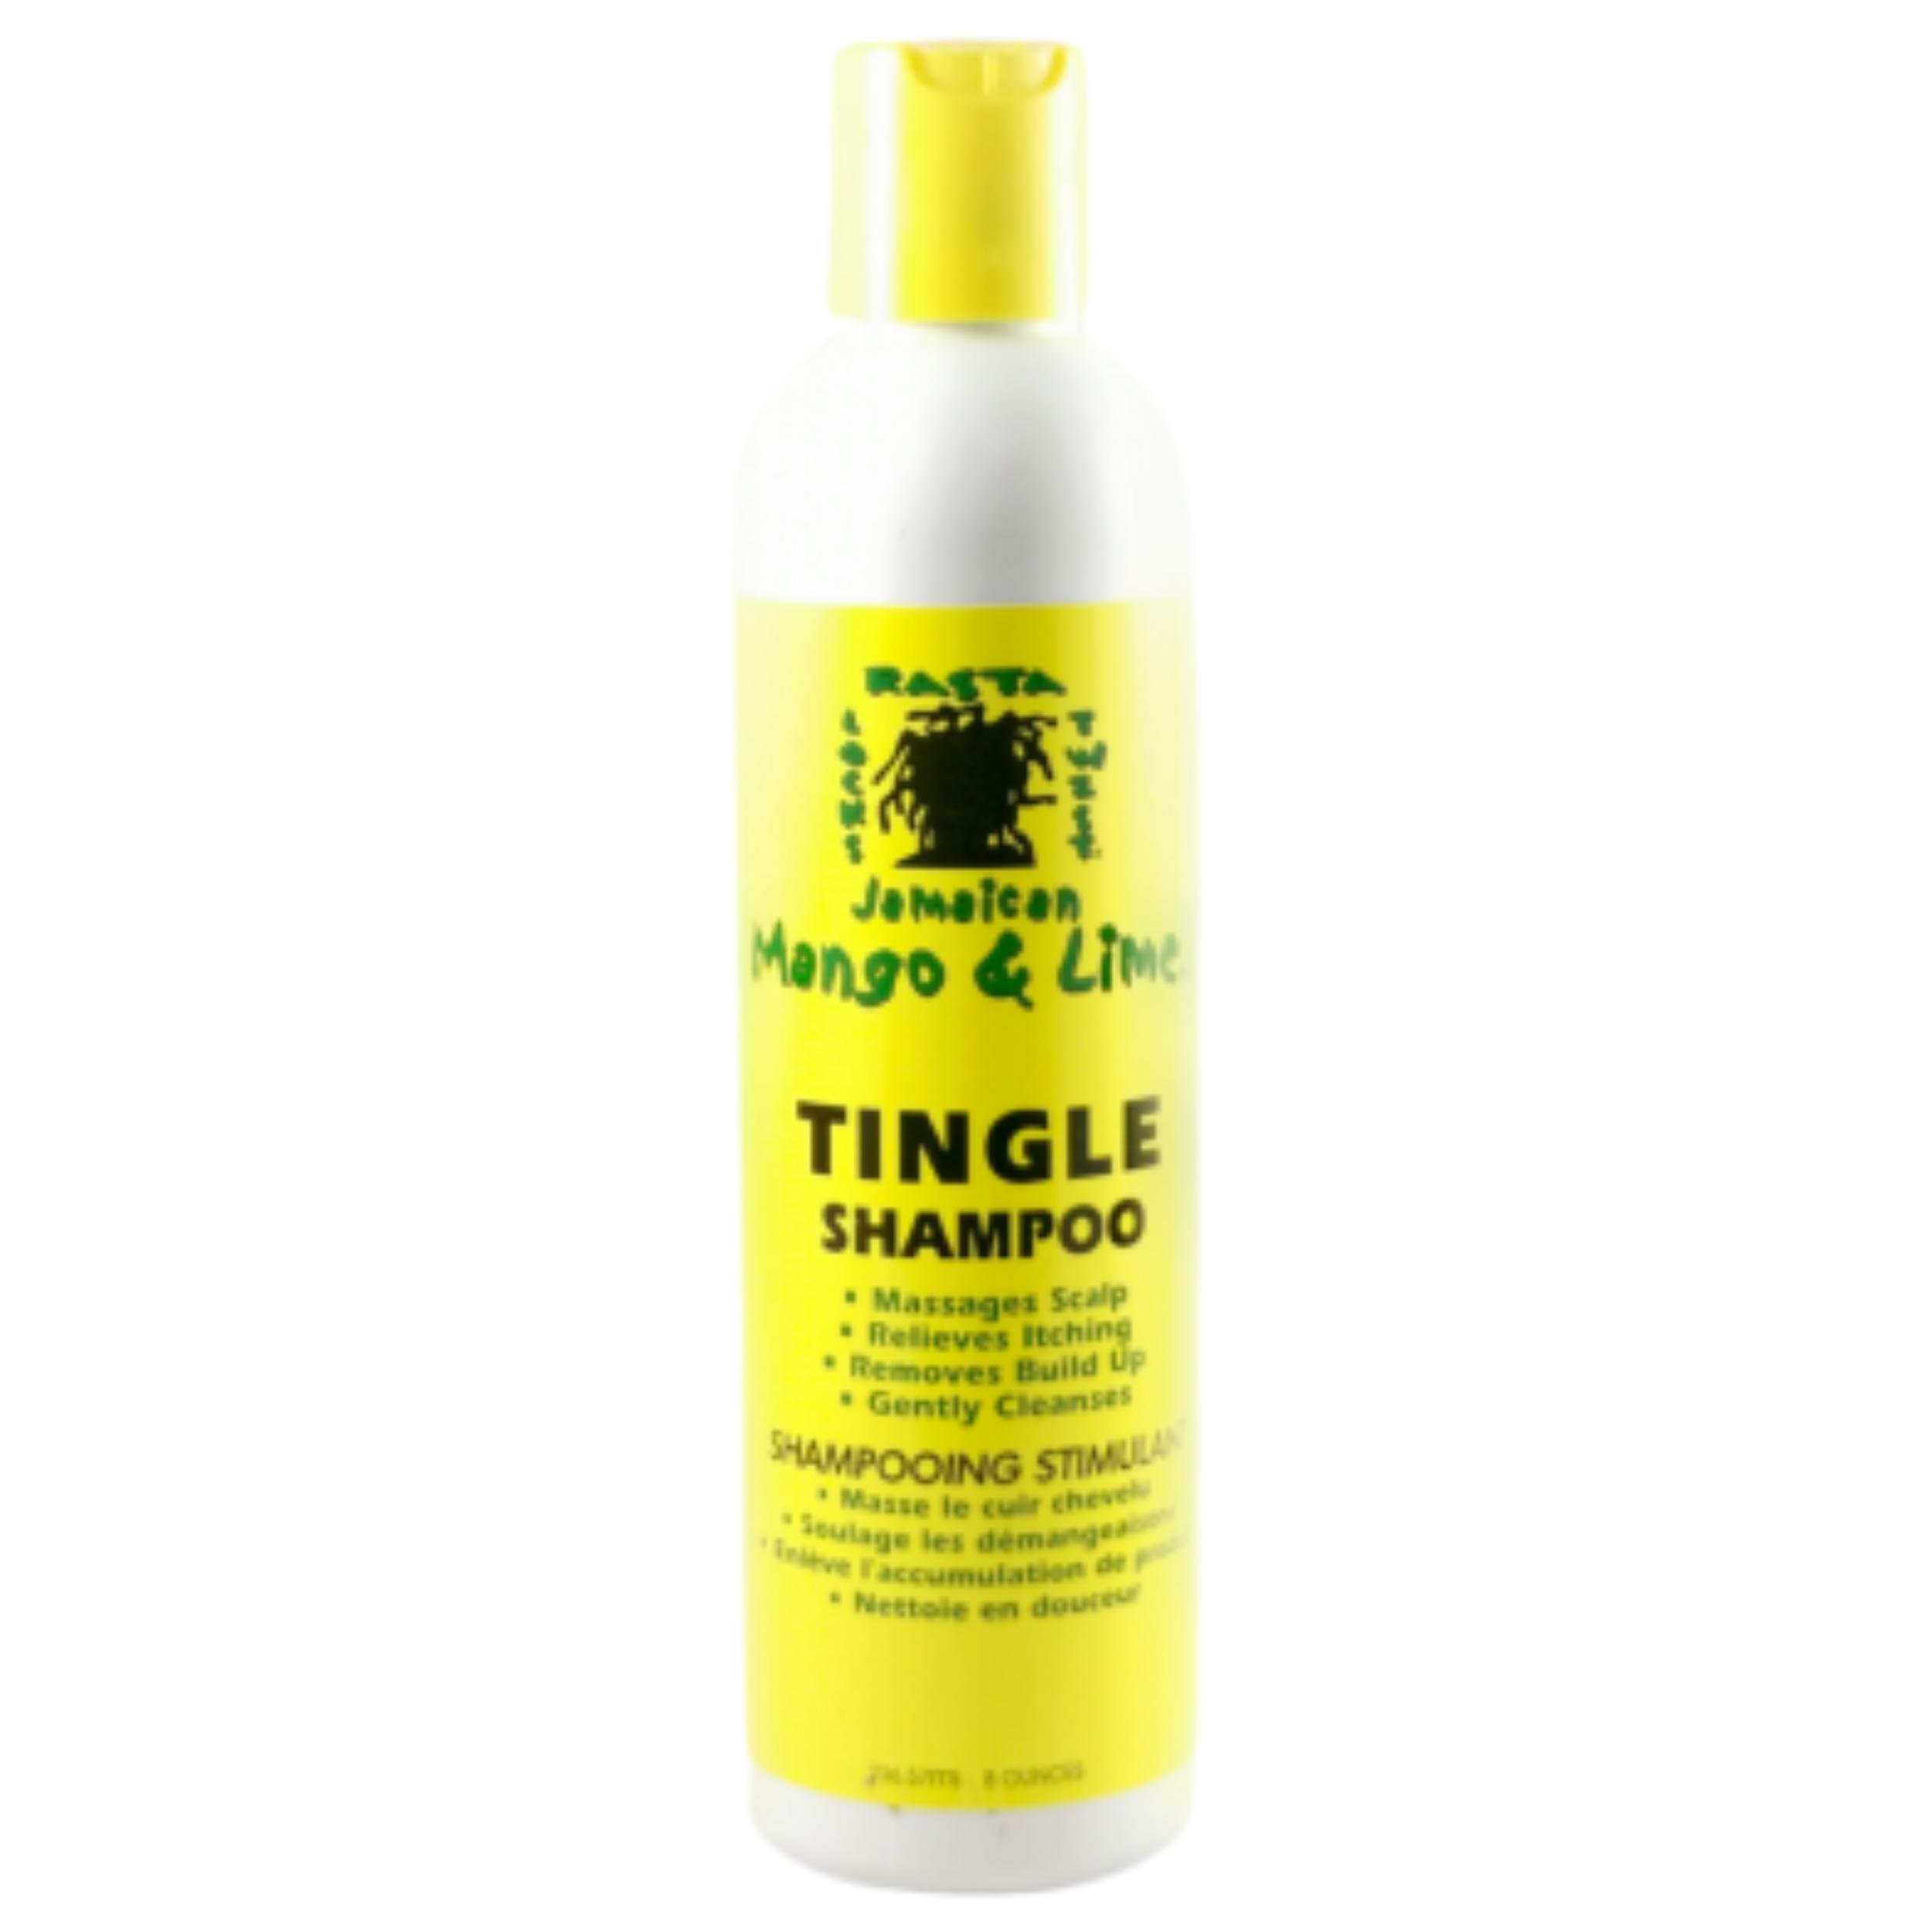 Shampooing stimulant. Aide à masser le cuir chevelu et nettoie en douceur locks et twists